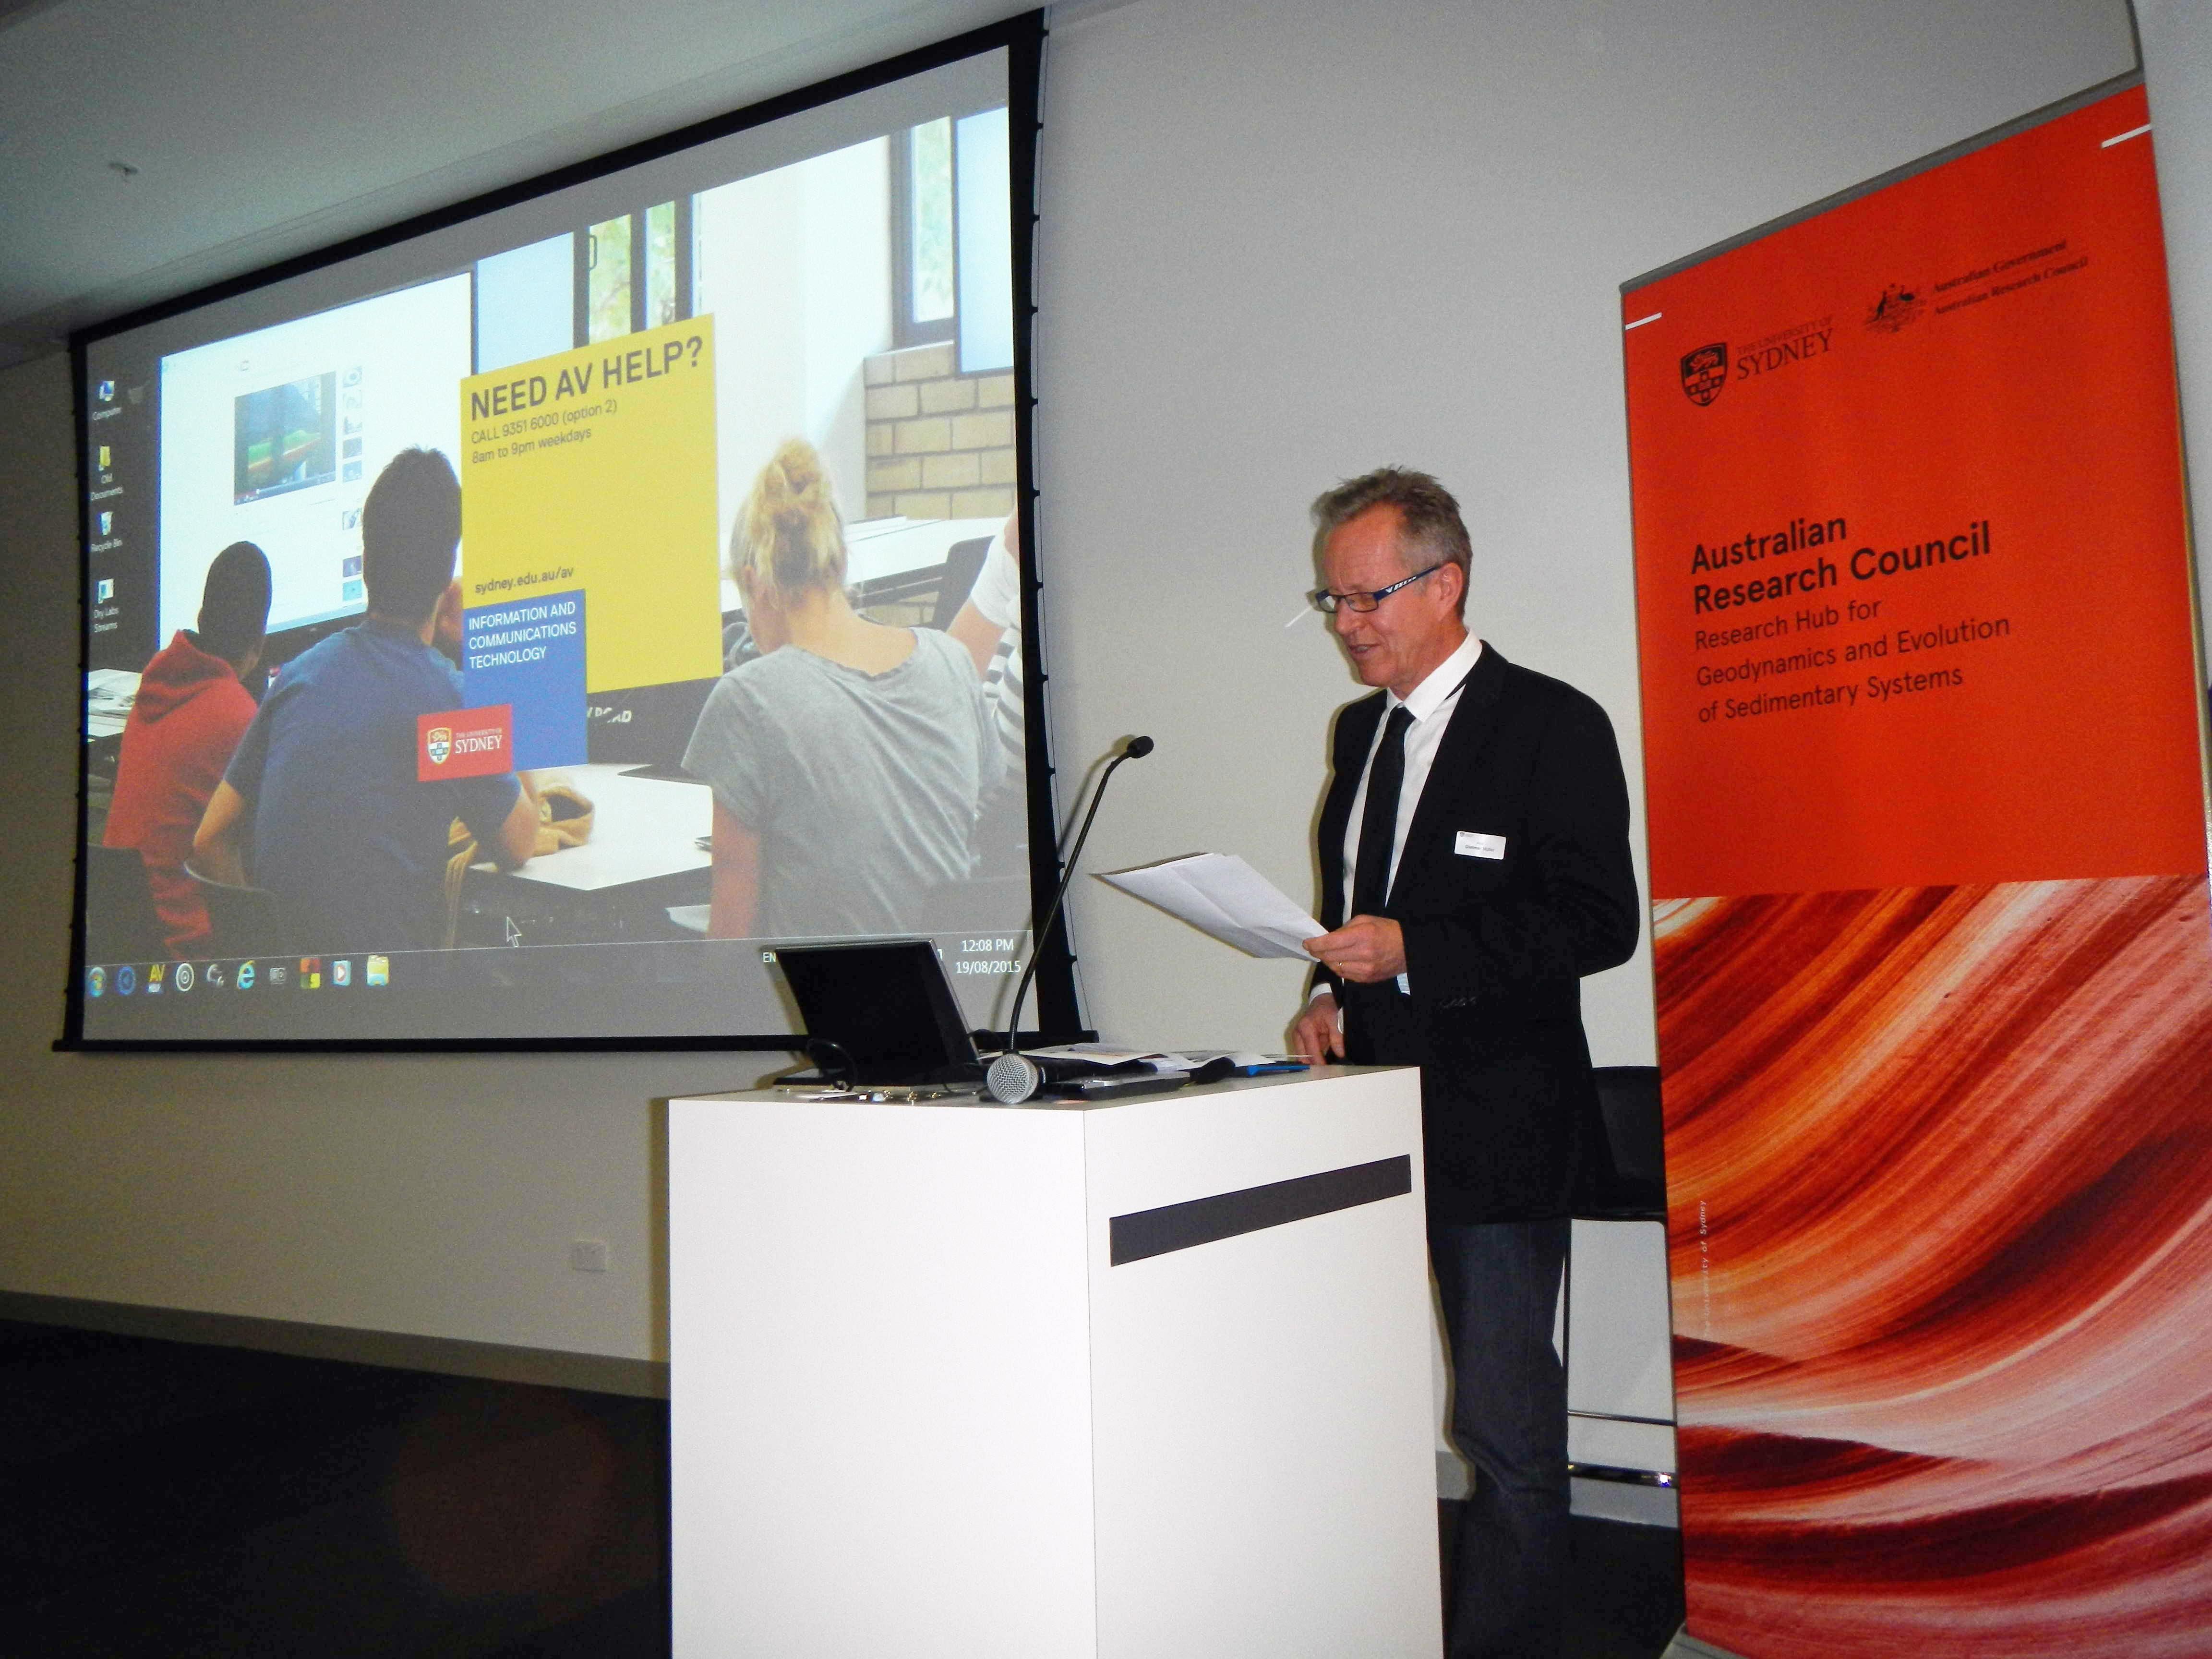 Dietmar Müller's BGH opening speech 19 August 2015